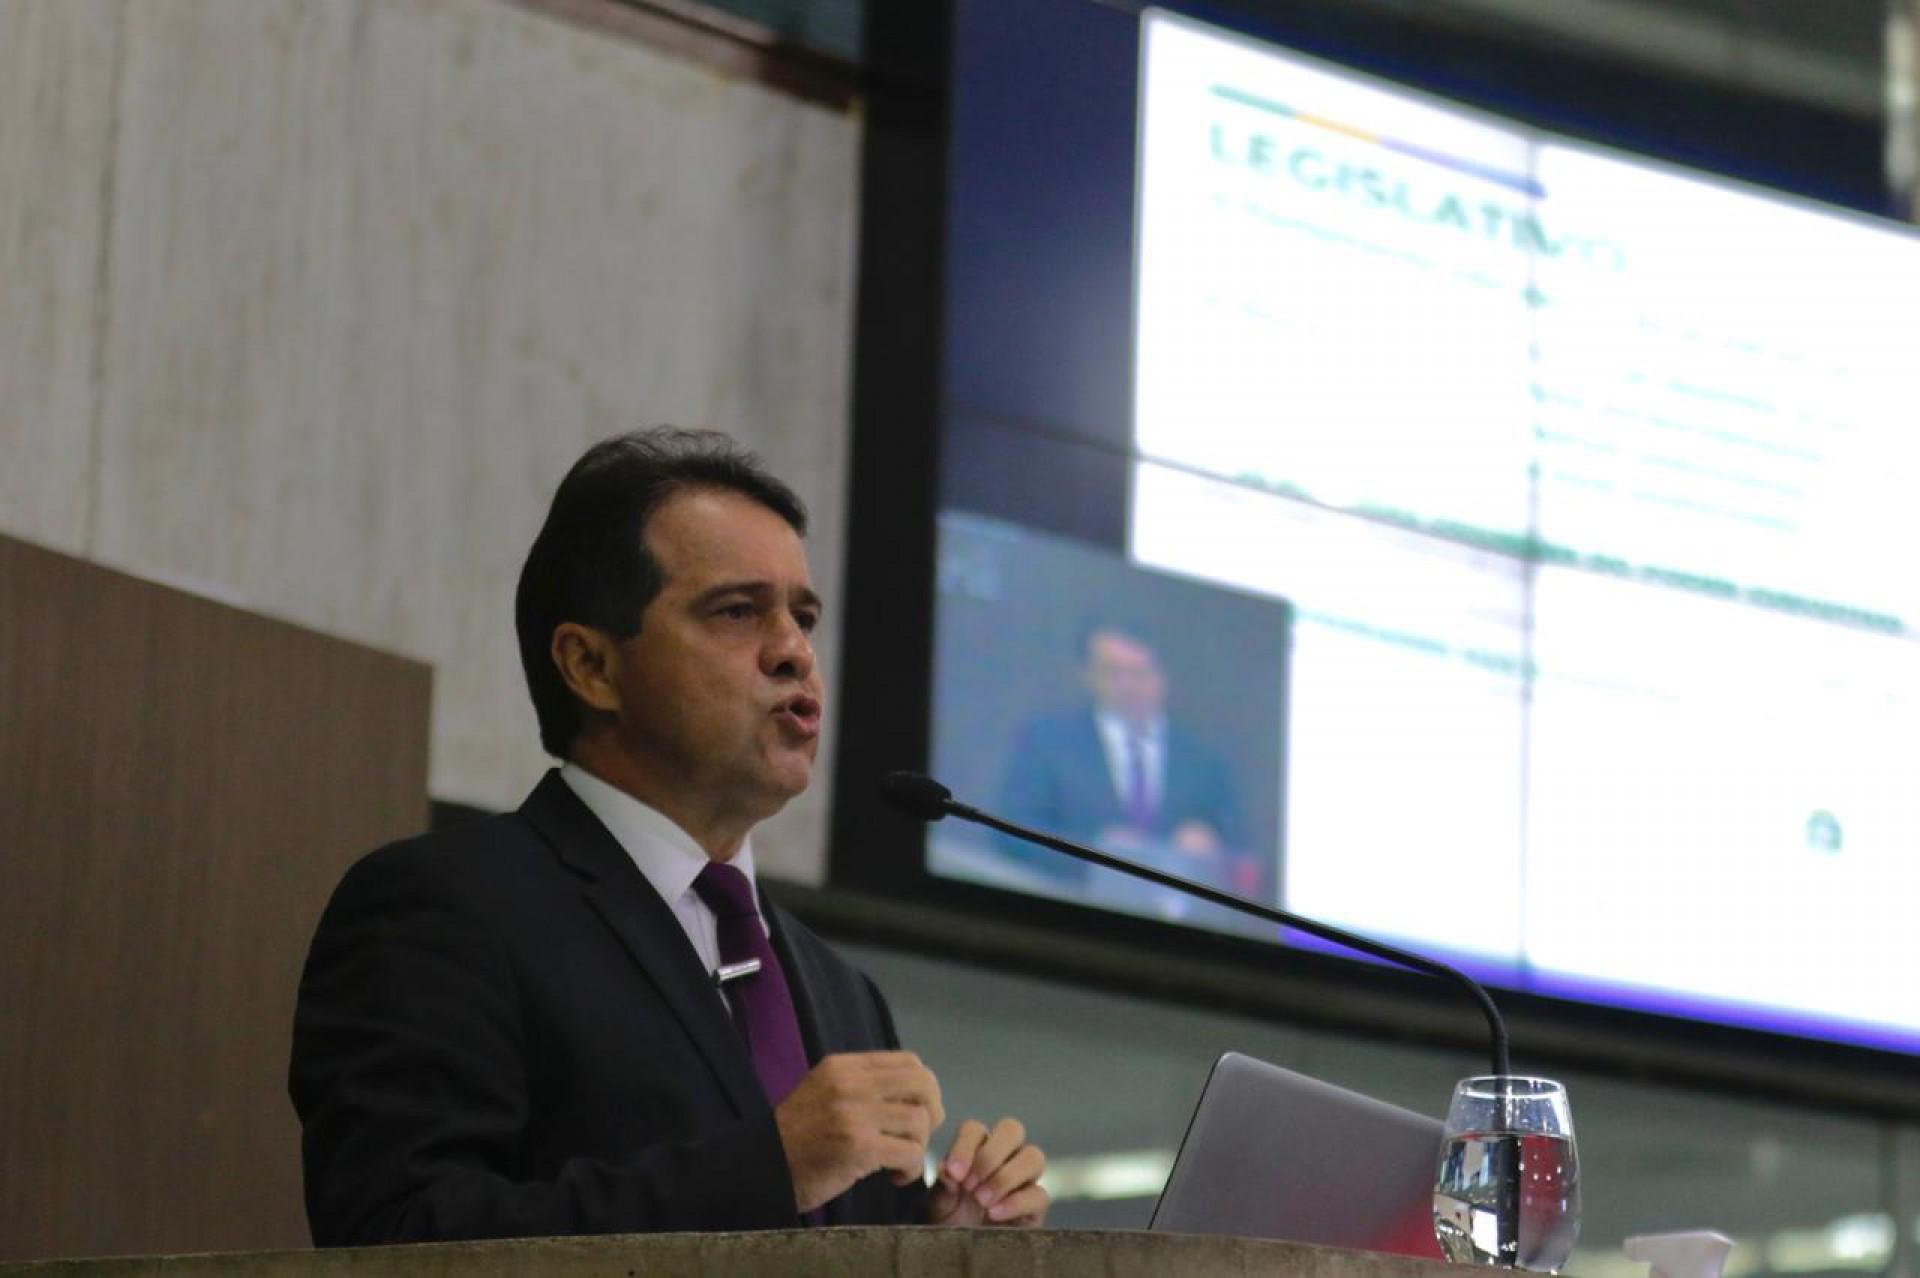 Presidente da Assembleia Legislativa do Ceará, deputado Evandro Leitão (PDT), realiza balanço de atividades do primeiro semestre de 2021  (Foto: Thais Mesquita)